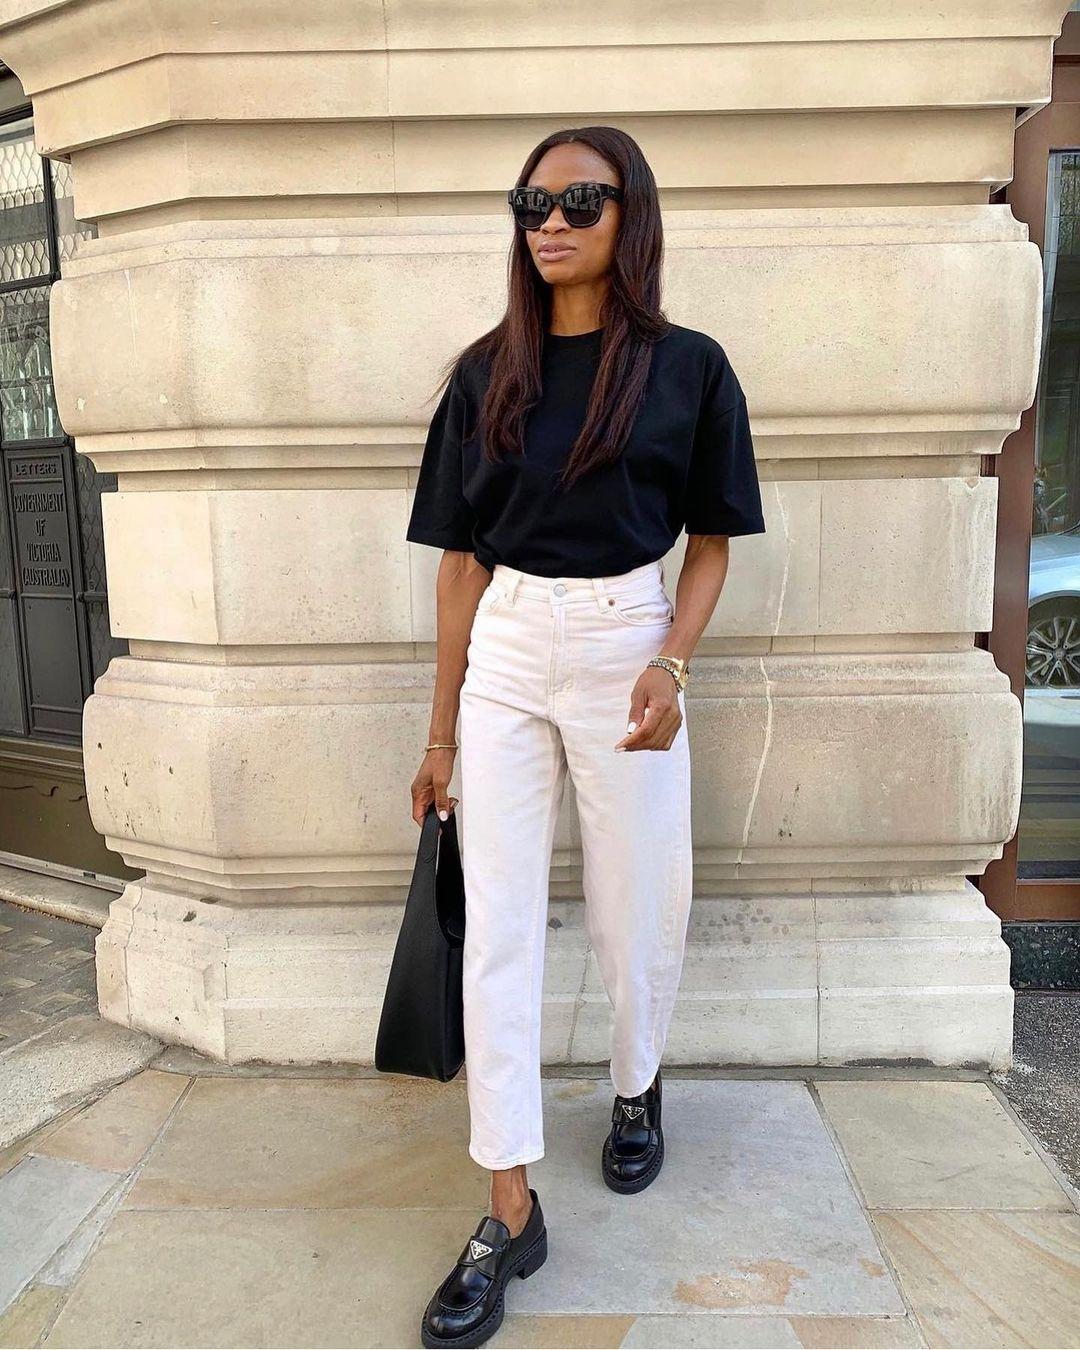 cores neutras, blusa preta, calça branca e loafer